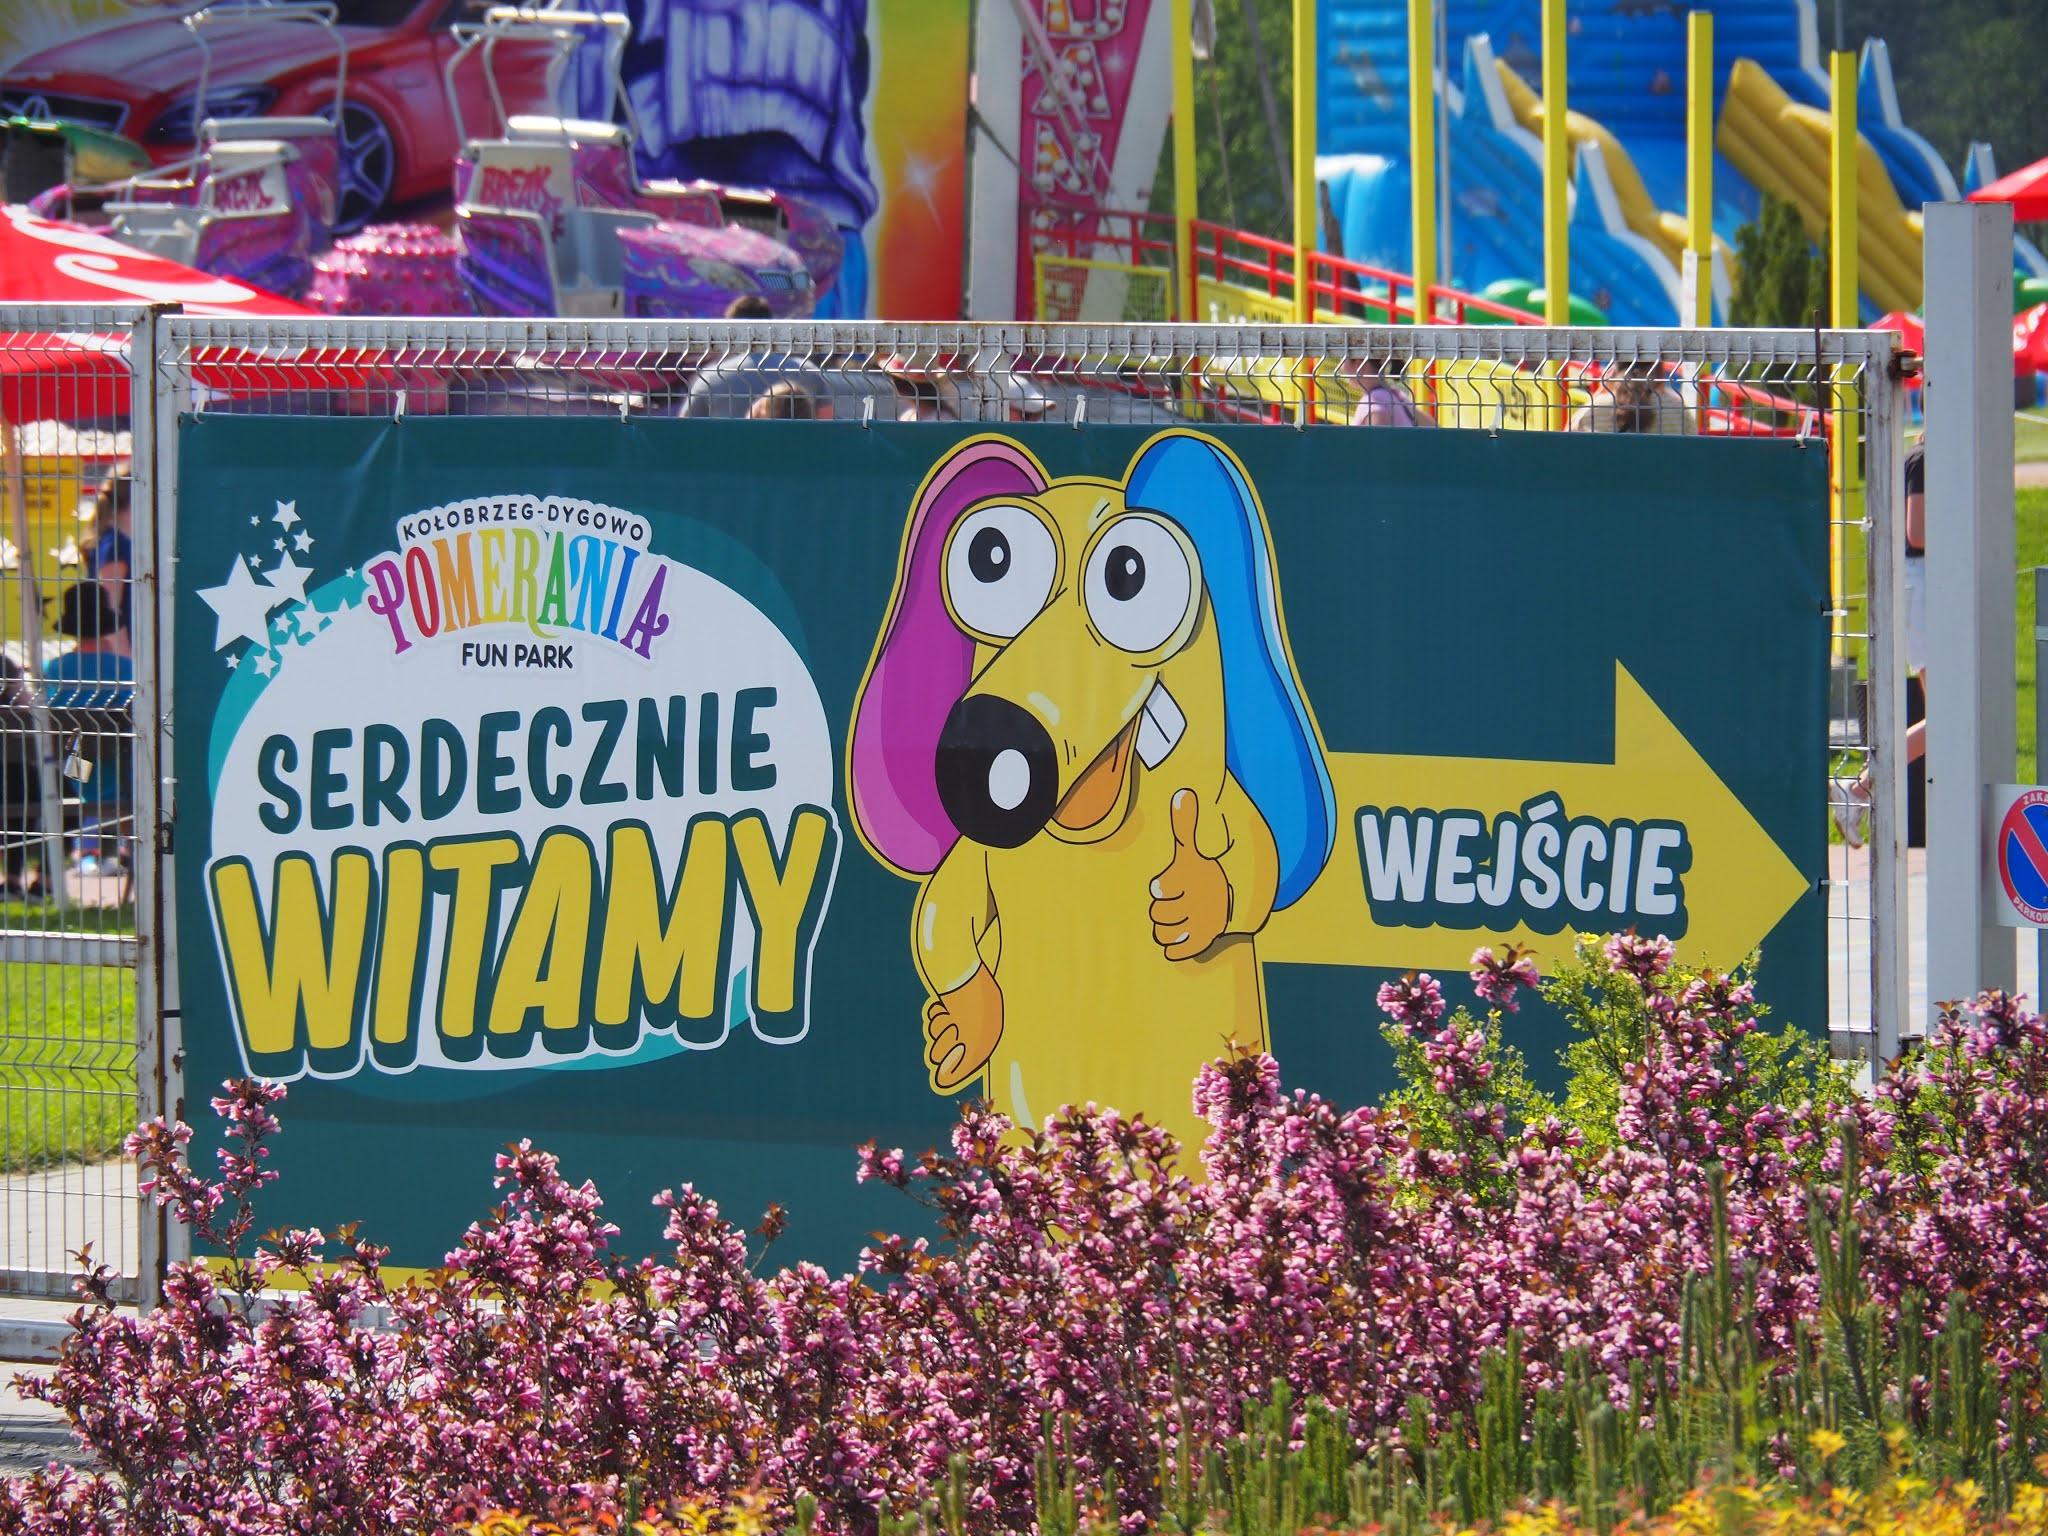 Pomerania Fun Park Kołobrzeg - Dygowo Rodzinny Park Rozrywki